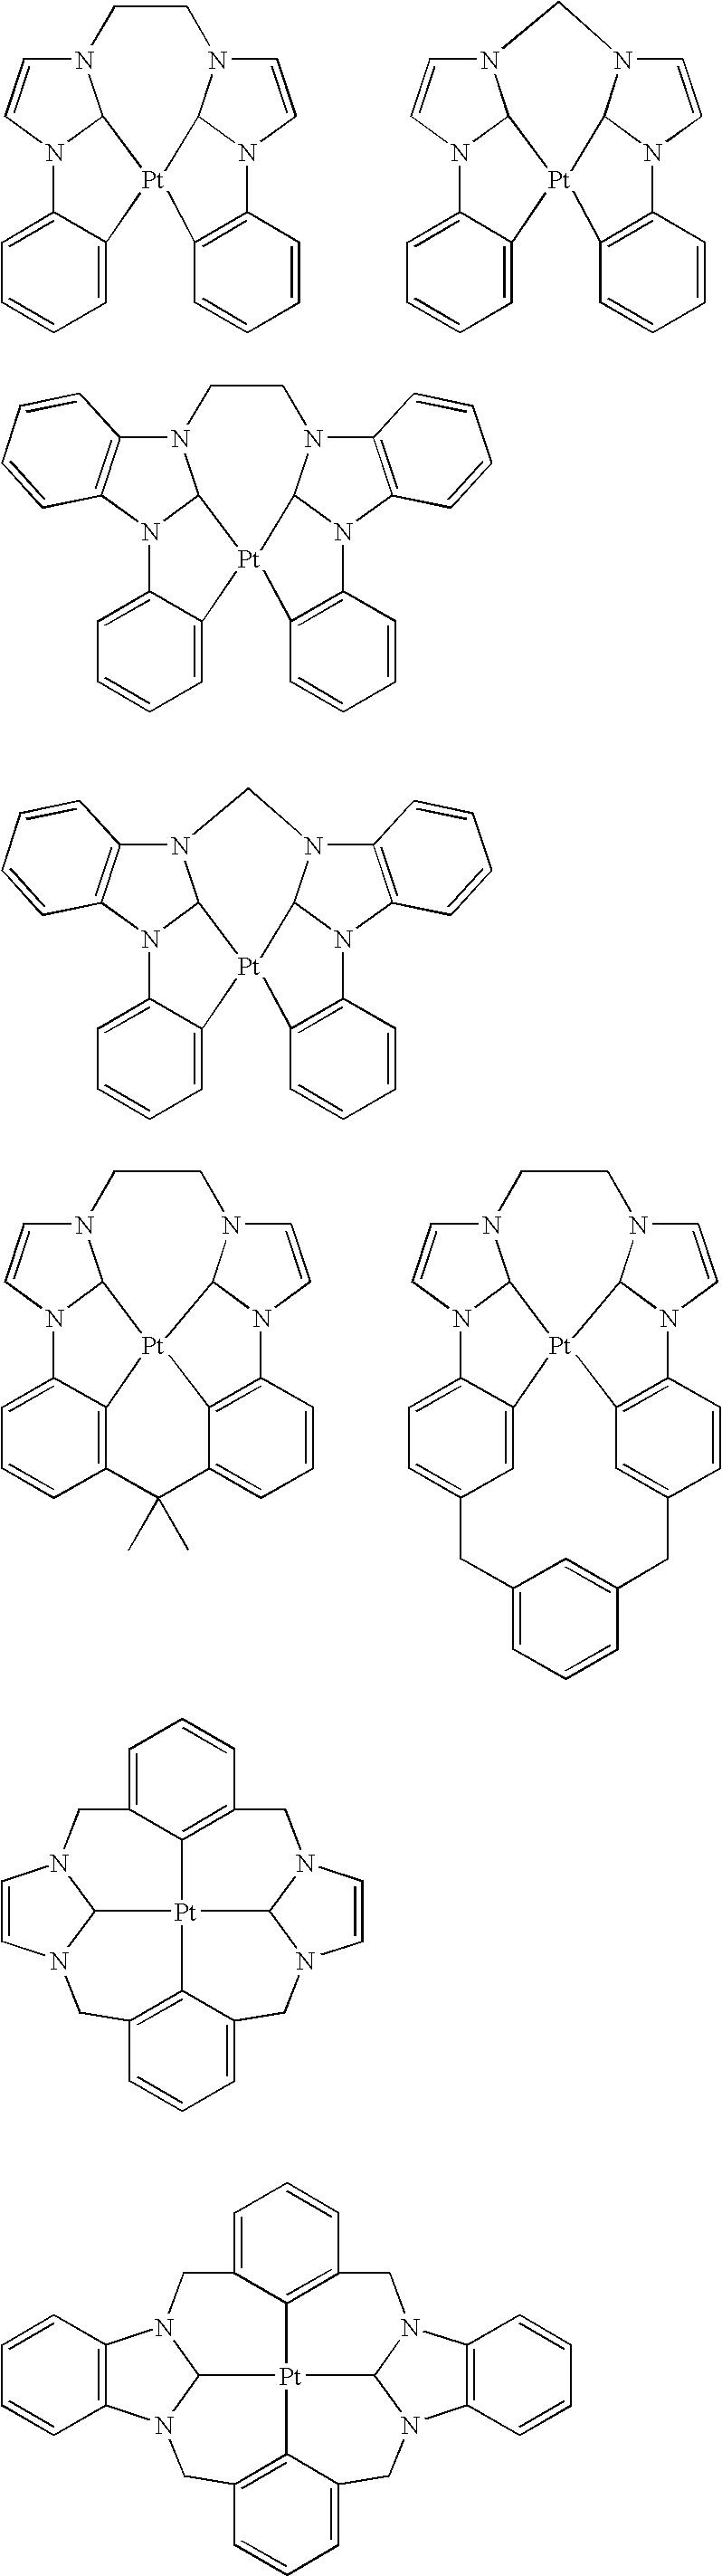 Figure US20050260445A1-20051124-C00036